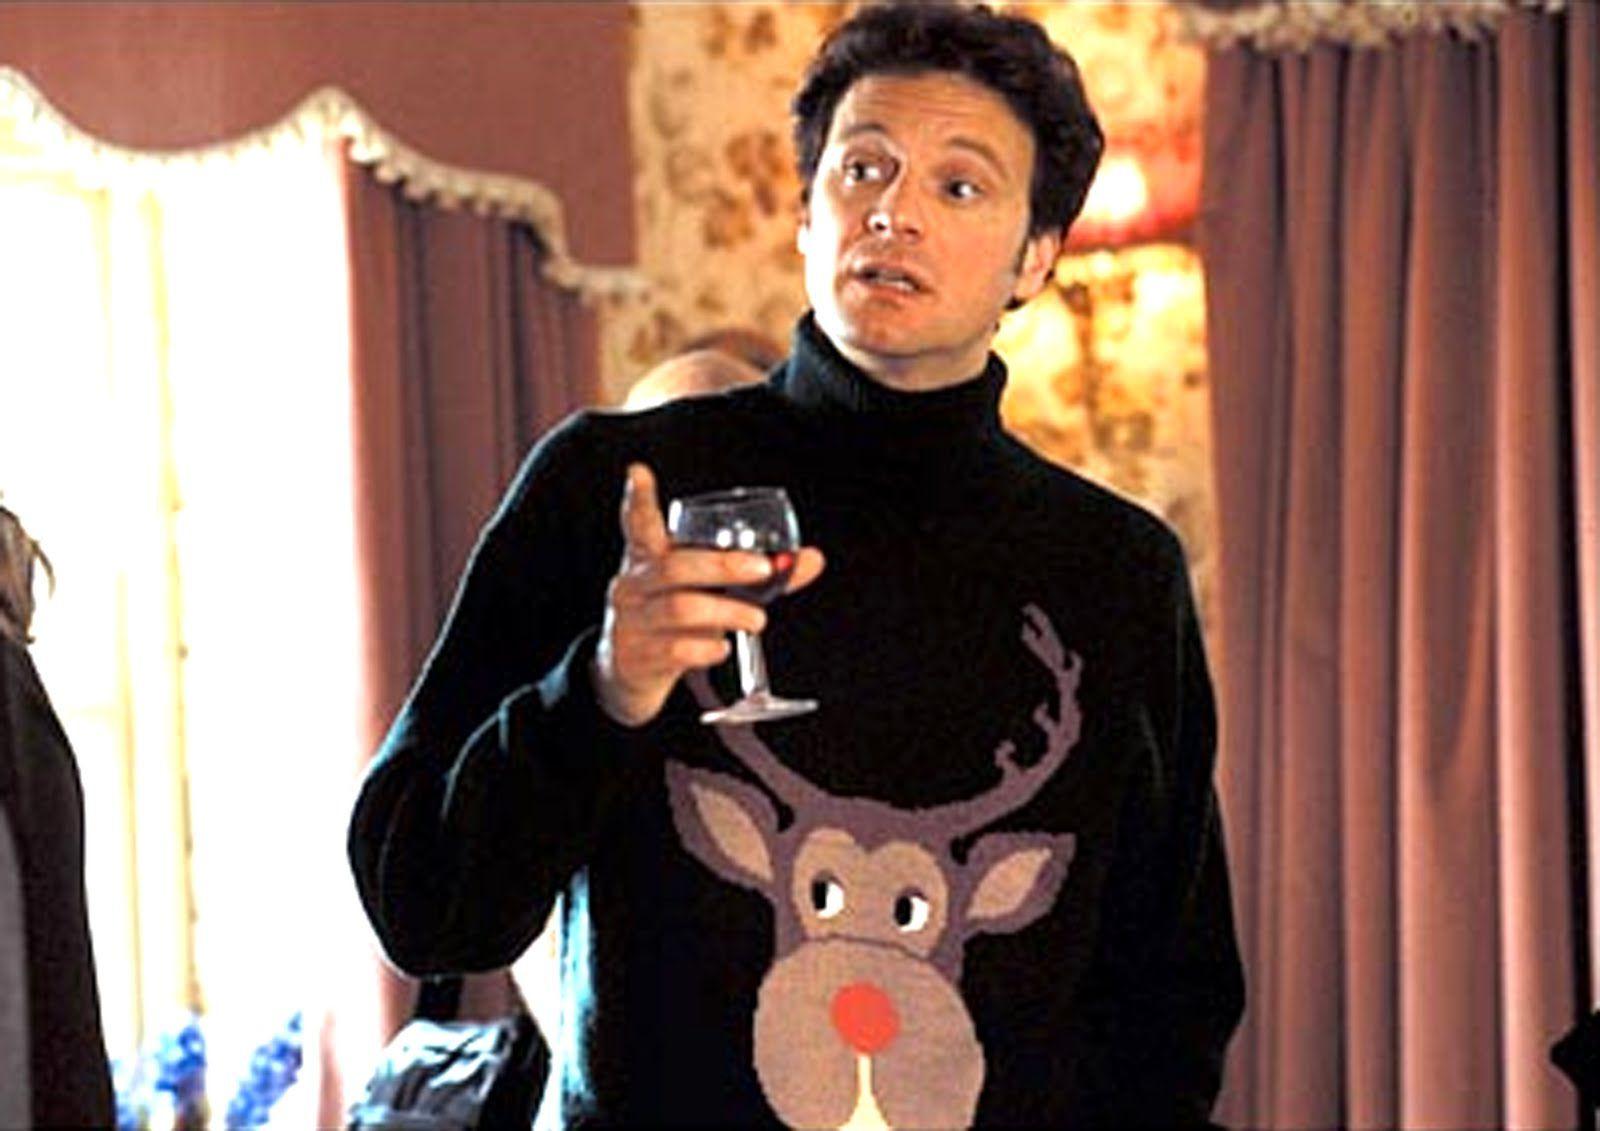 Hvala na ideji, Mr. Darcy! Božićni džemperi hit su koji već godinama ne jenjava